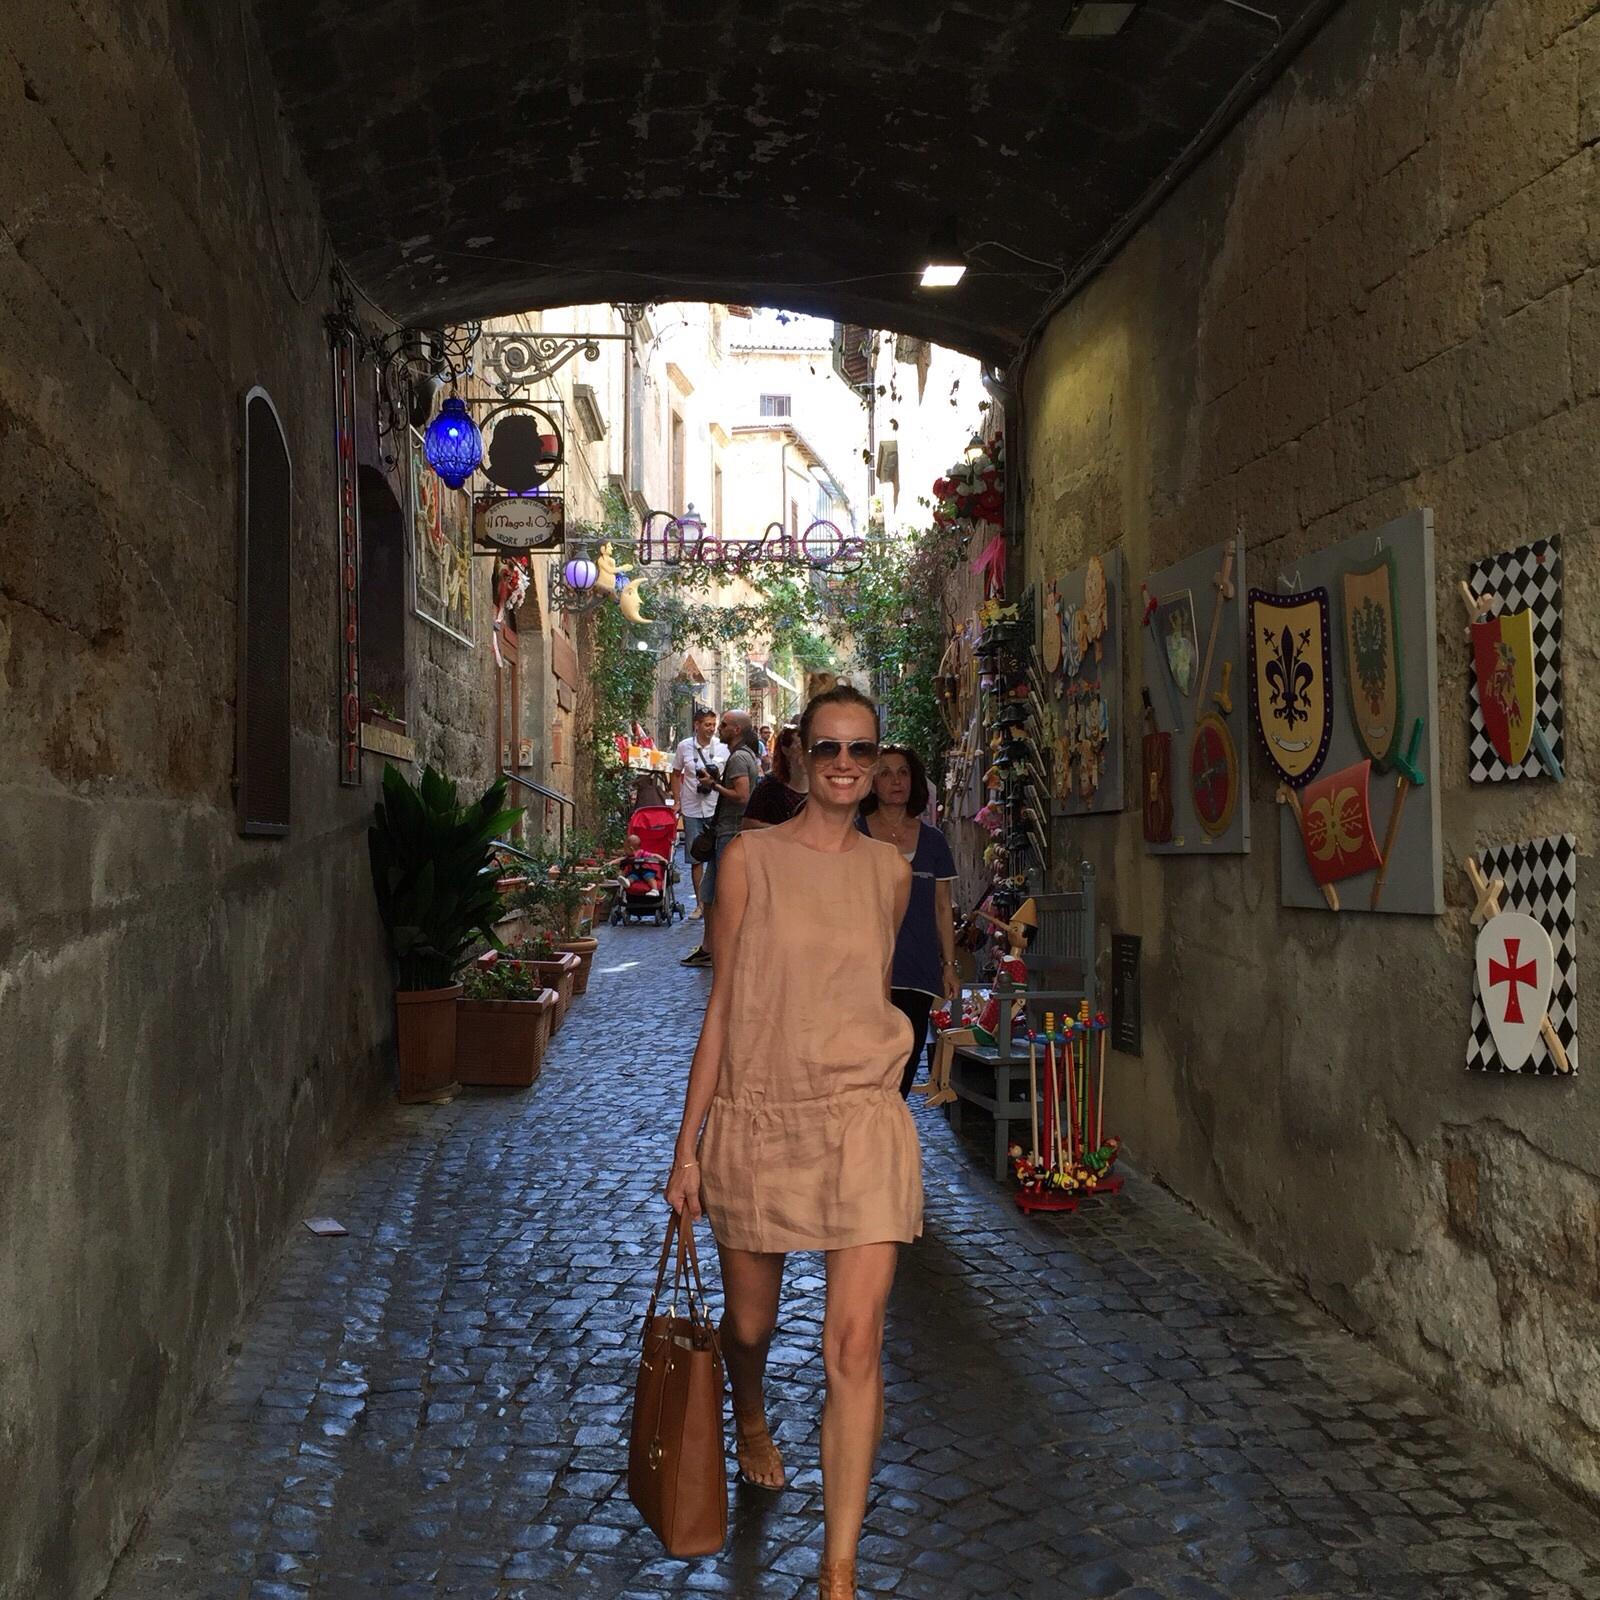 Walking around Orvieto.